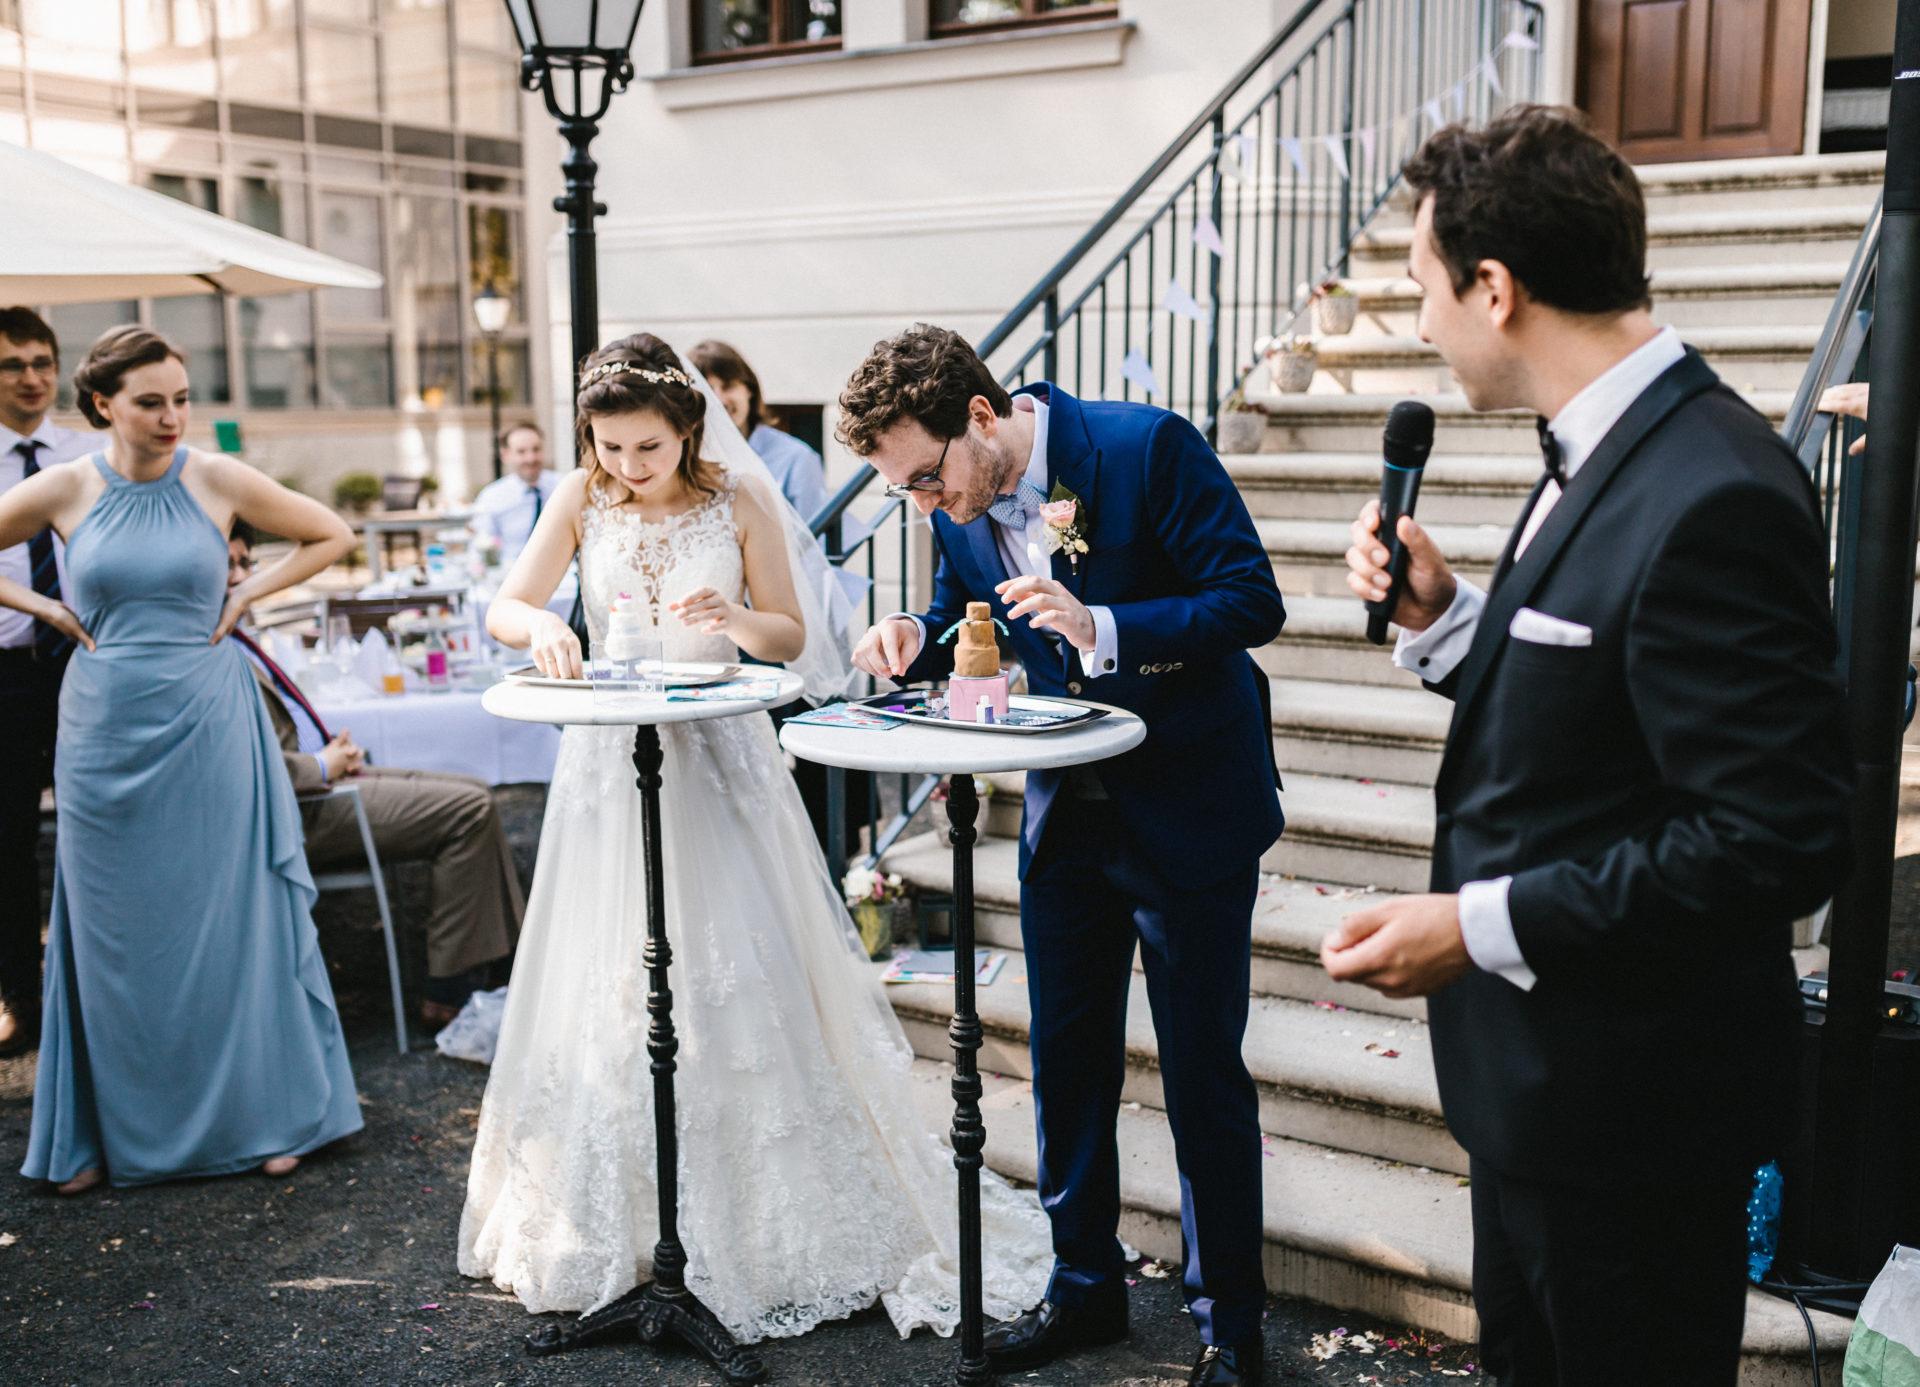 Hochzeitsreportage | Freie Trauung im Herrenhaus Möckern in Leipzig | 35